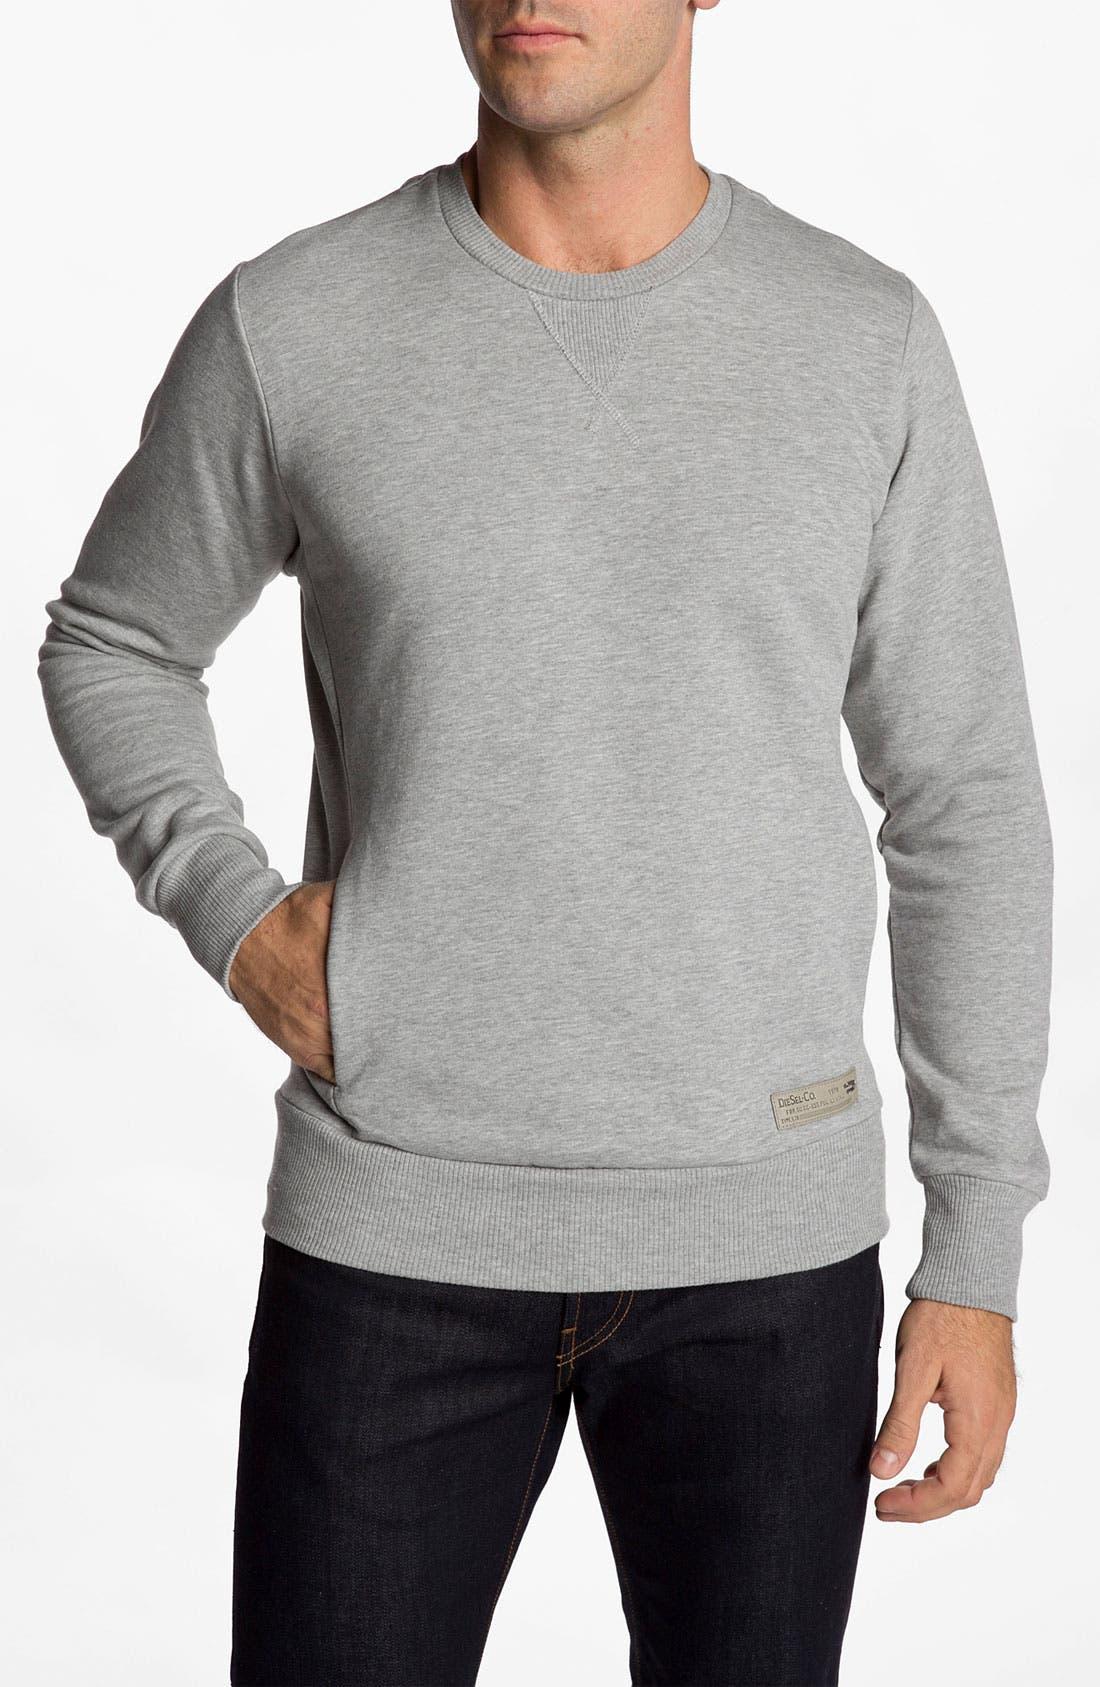 Alternate Image 1 Selected - DIESEL® 'Sleaffy' Sweatshirt